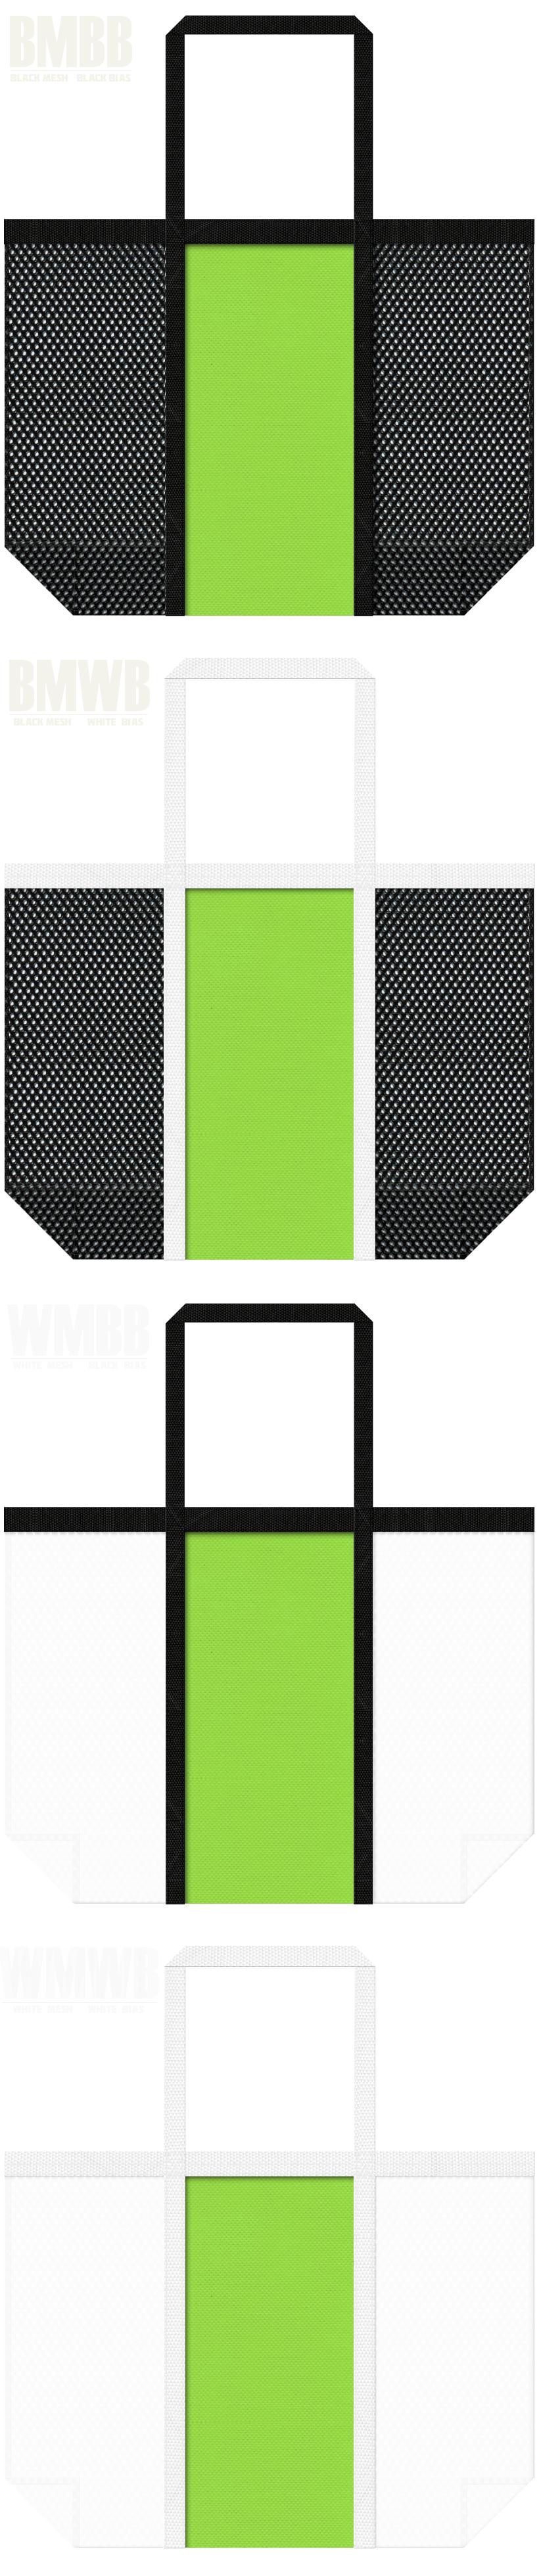 台形型メッシュバッグのカラーシミュレーション:黒色・白色メッシュと黄緑色不織布の組み合わせ